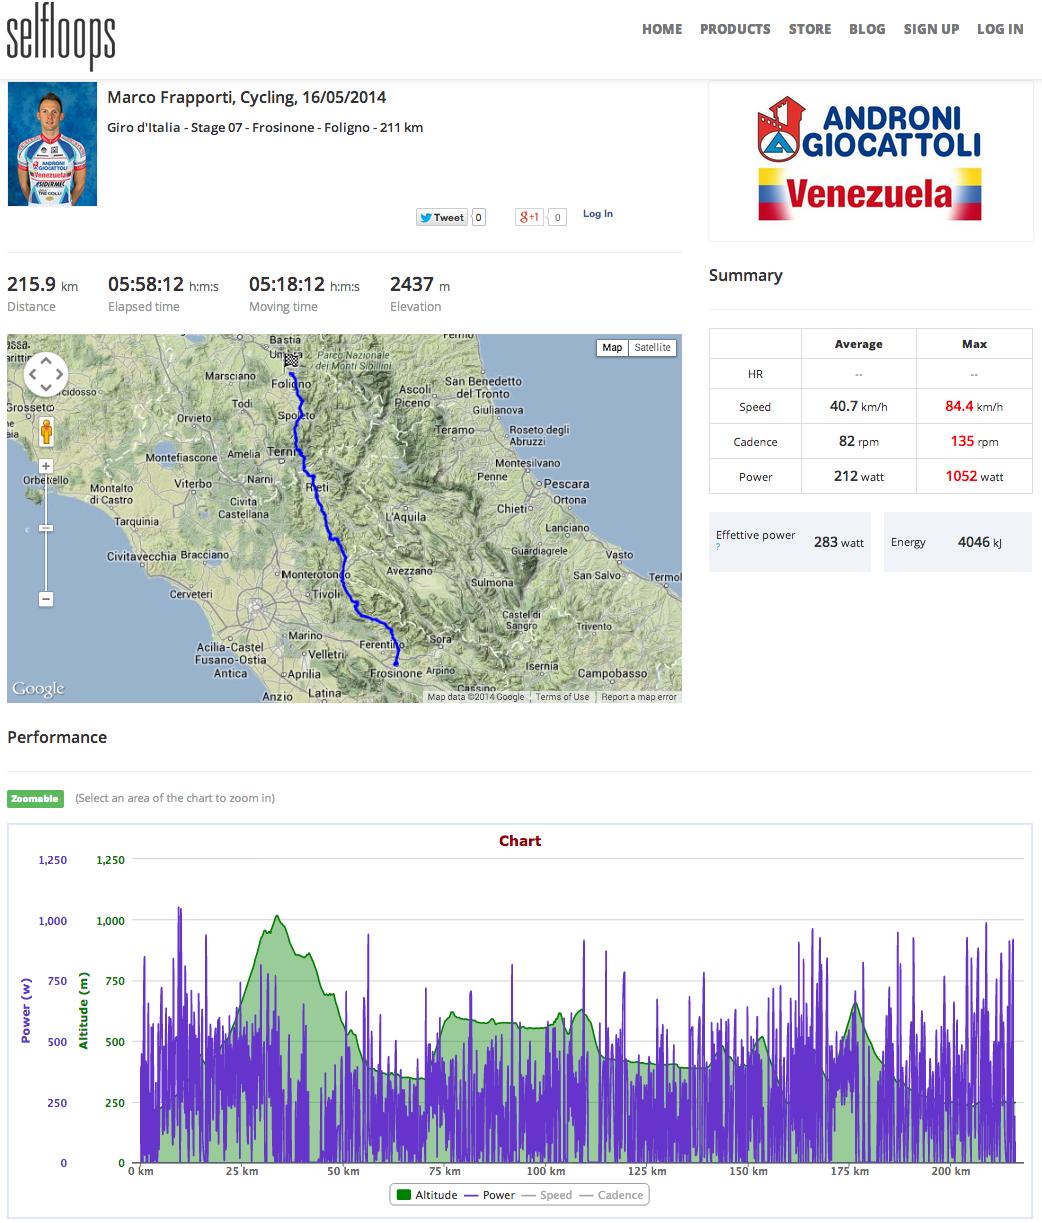 Frapporti at Giro d'Italia